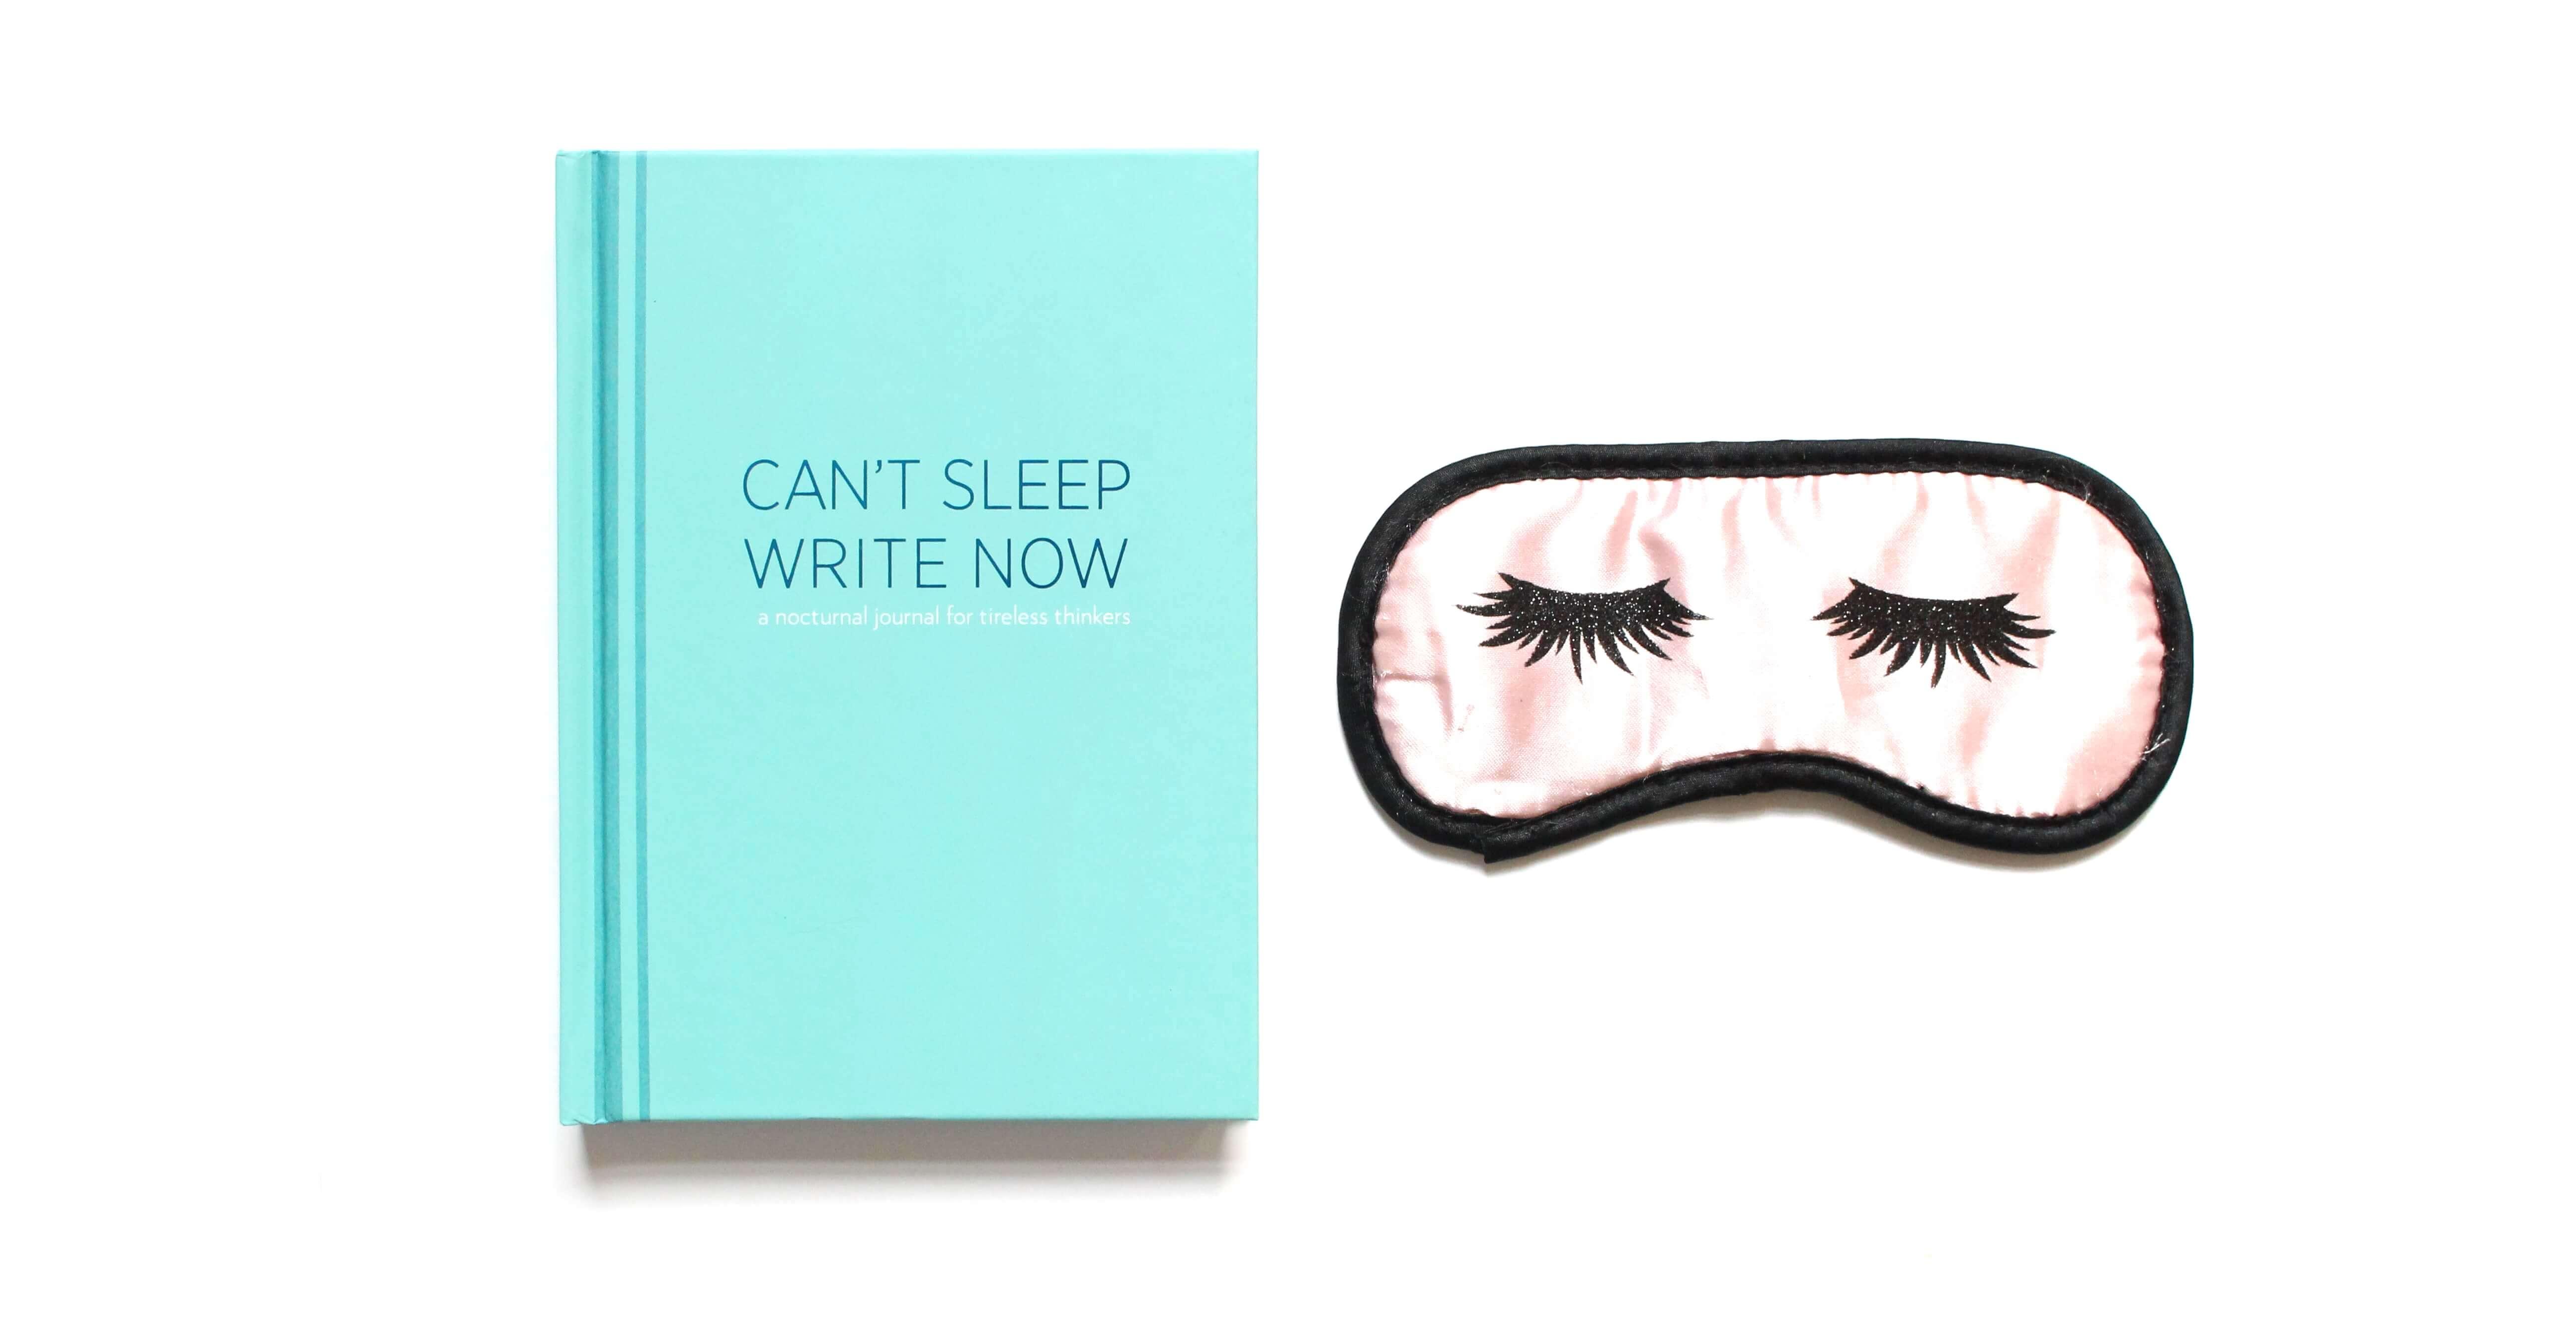 Can't sleep write now - voor nachtelijke piekeraars